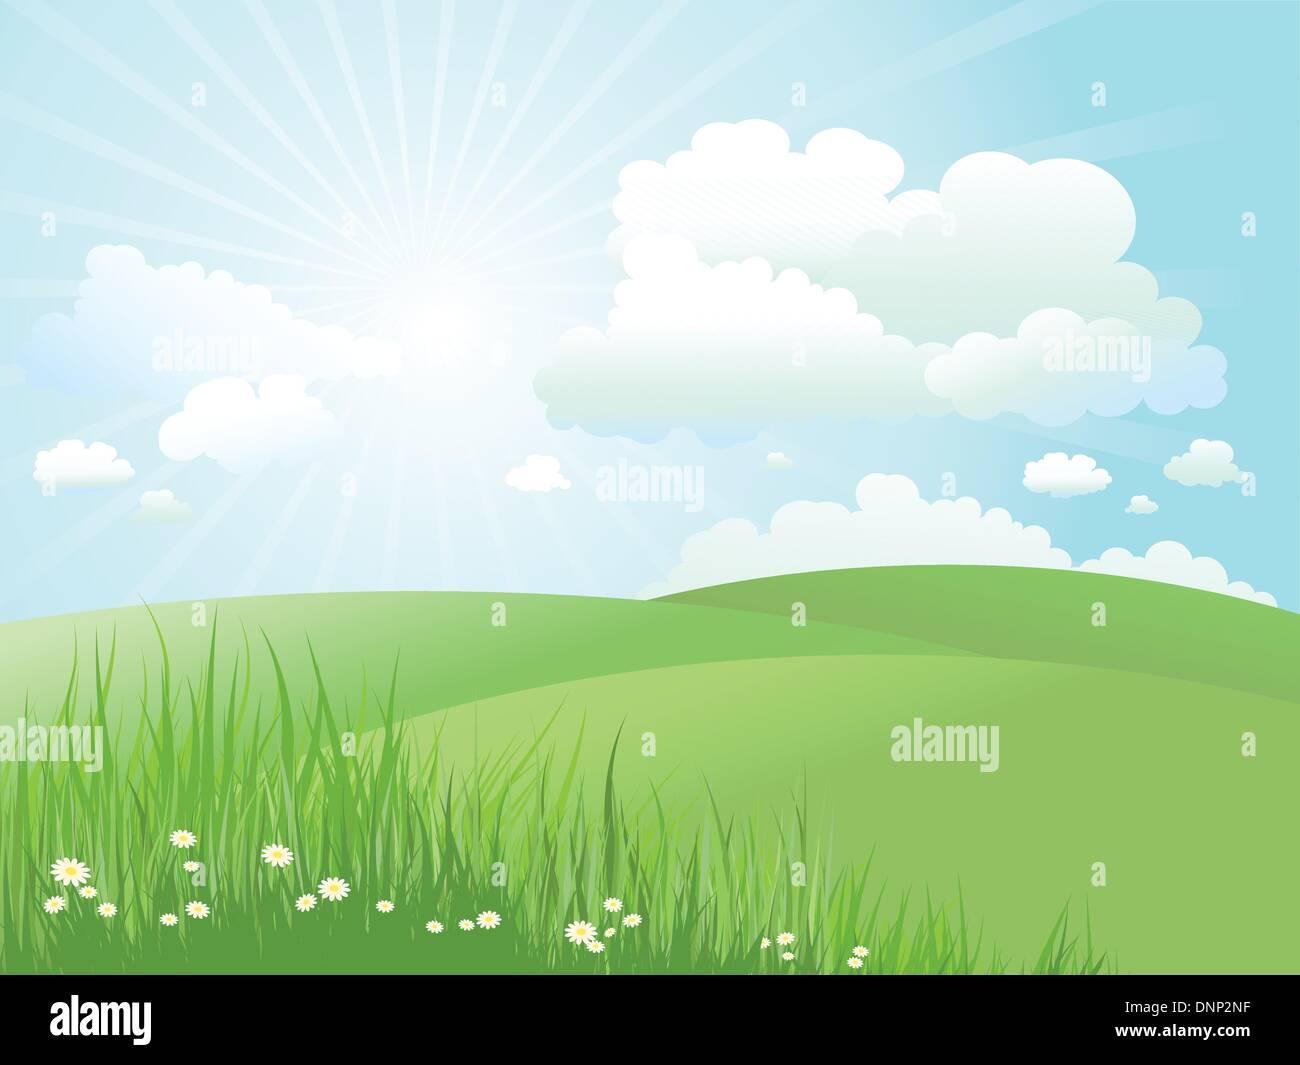 Paysage d'été avec marguerites in grass Photo Stock